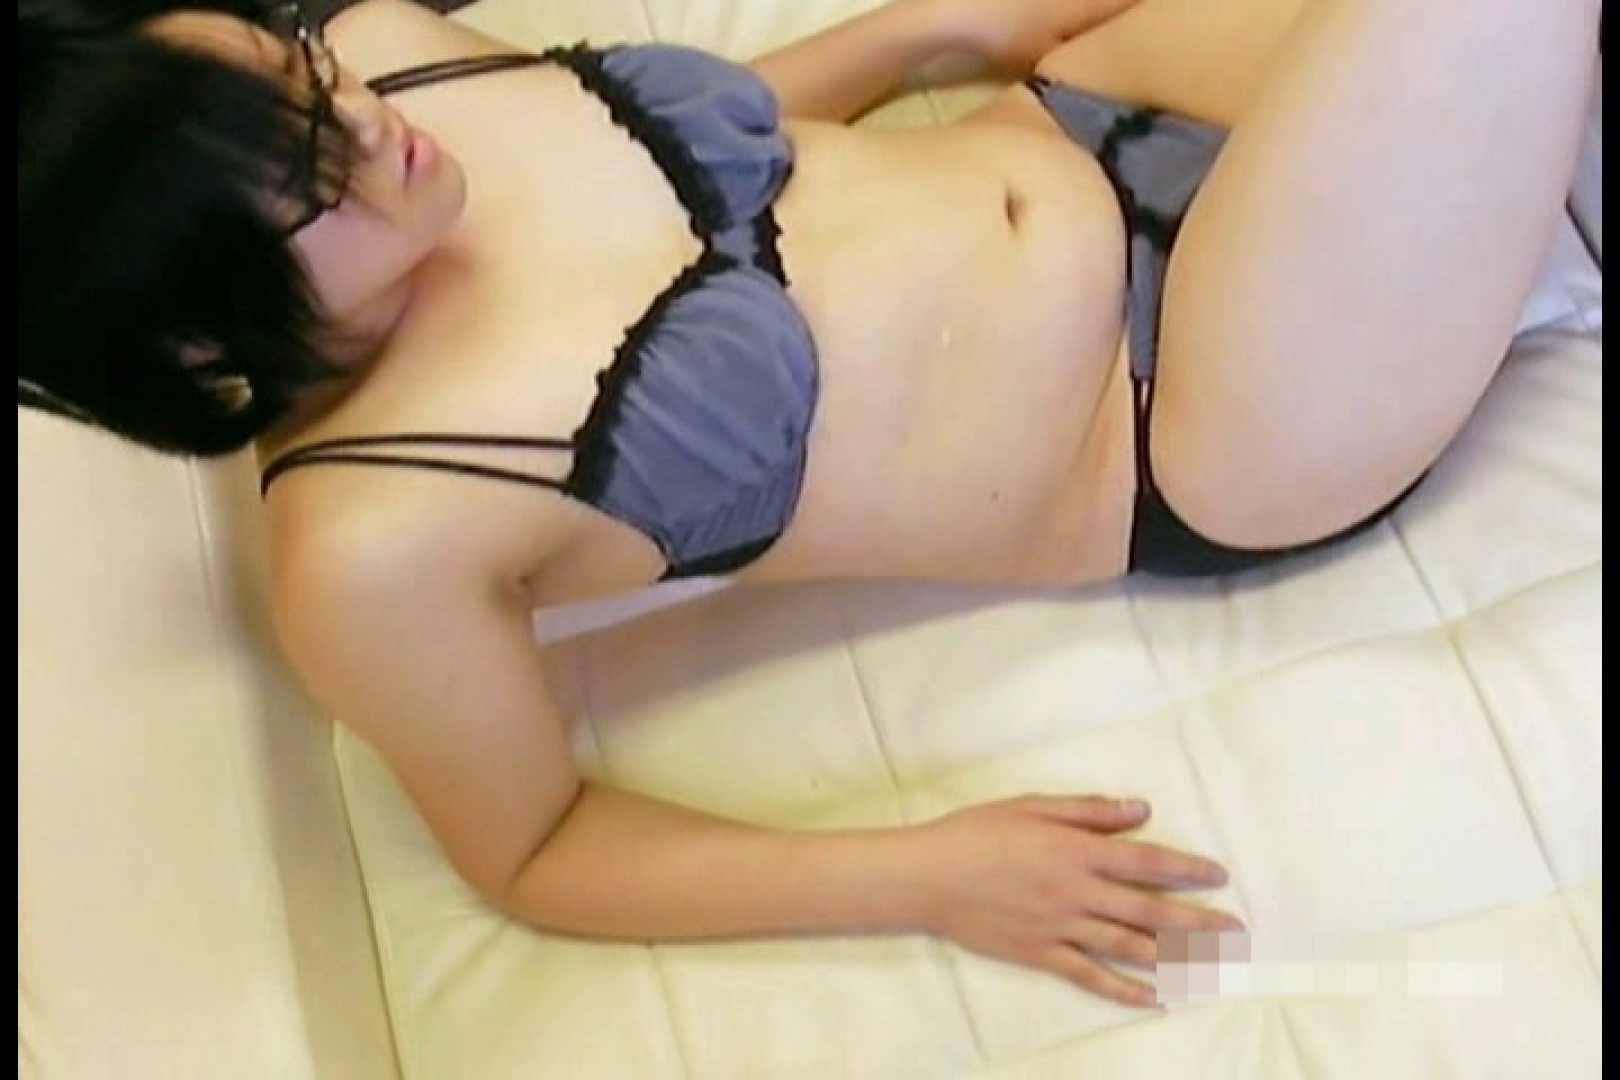 素人撮影 下着だけの撮影のはずが・・・みゆき18歳 おっぱい特集 エロ画像 65pic 28